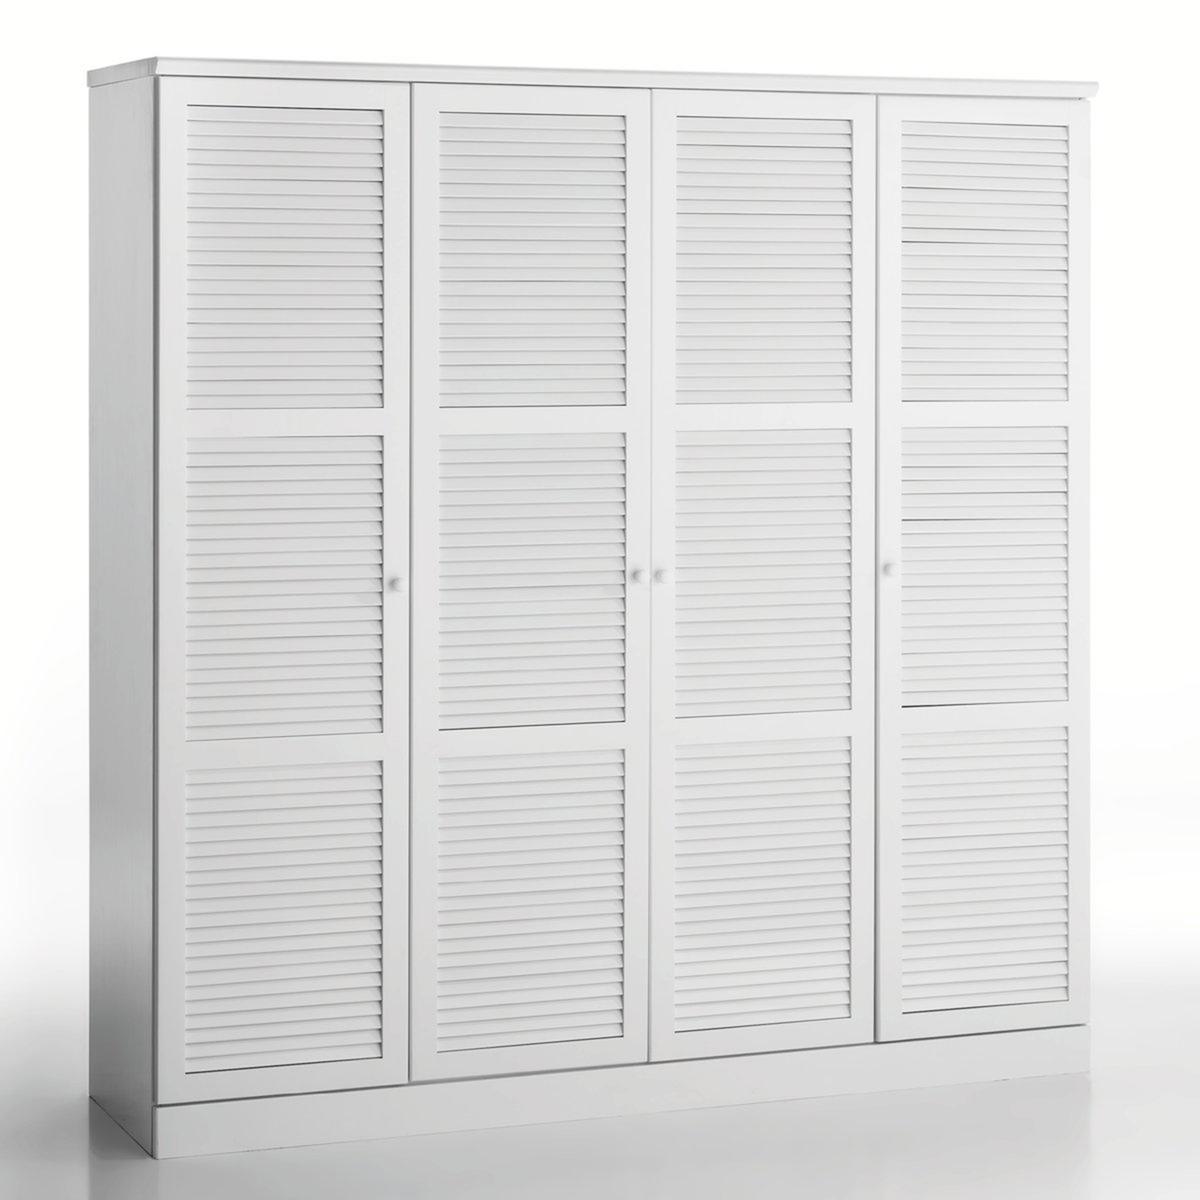 Шкаф из массива сосны, В205 см, Mayor шкаф для белья из массива сосны в120 см redmond